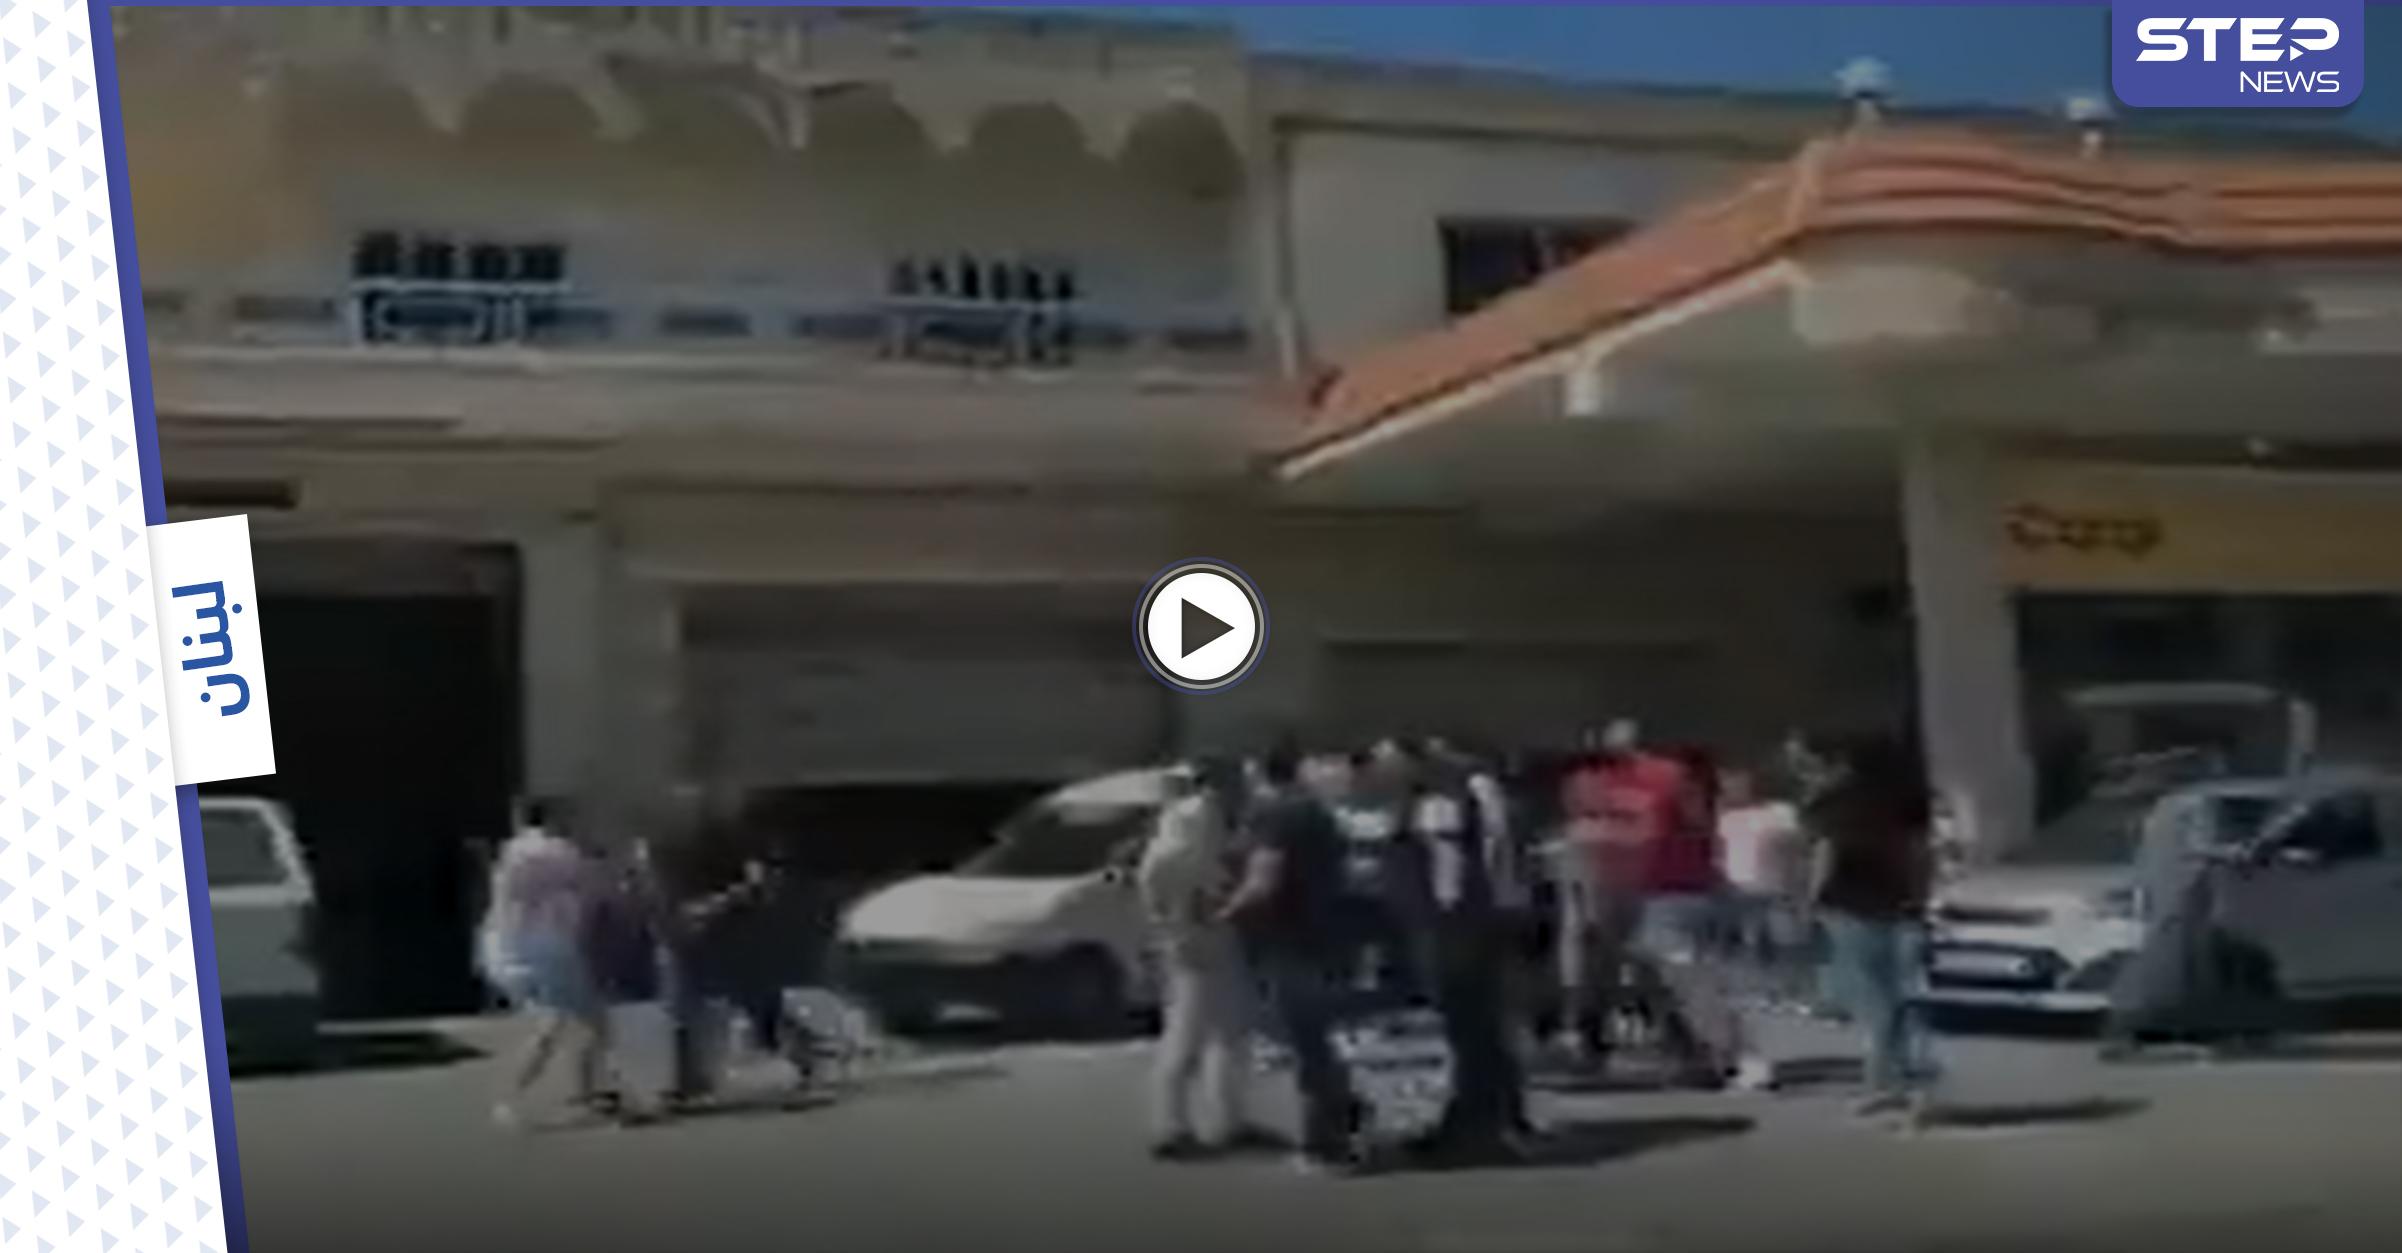 بالفيديو   شجار عنيف وتضارب مع إطلاق نار على محطات الوقود.. ومستشفيات لبنان بخطر